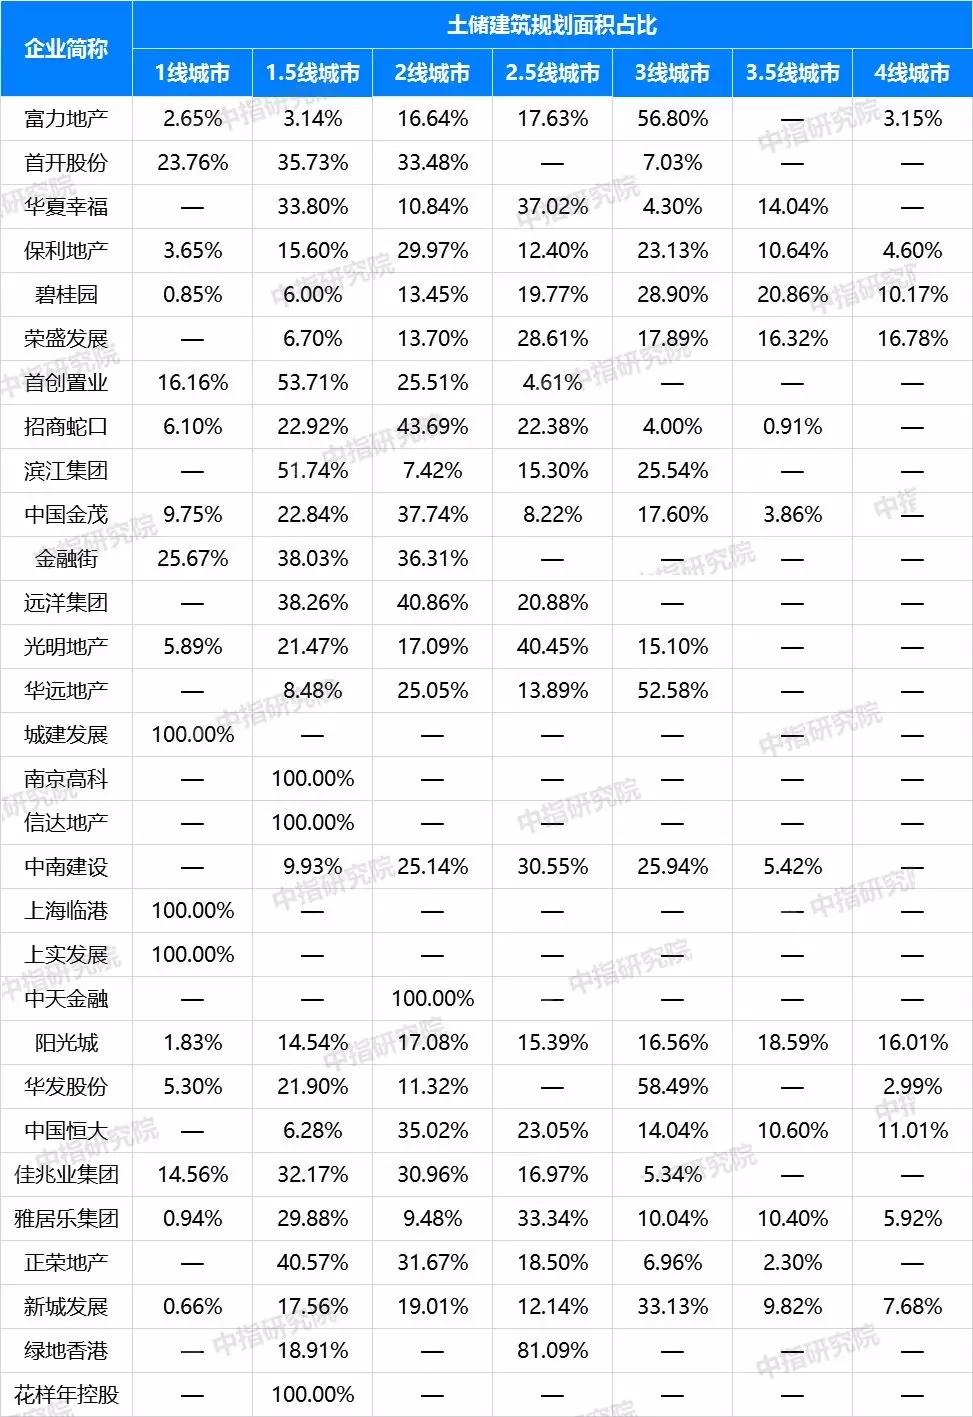 疫情之下,房企偿债能力将受到哪些影响?-中国网澳门威尼斯人网址